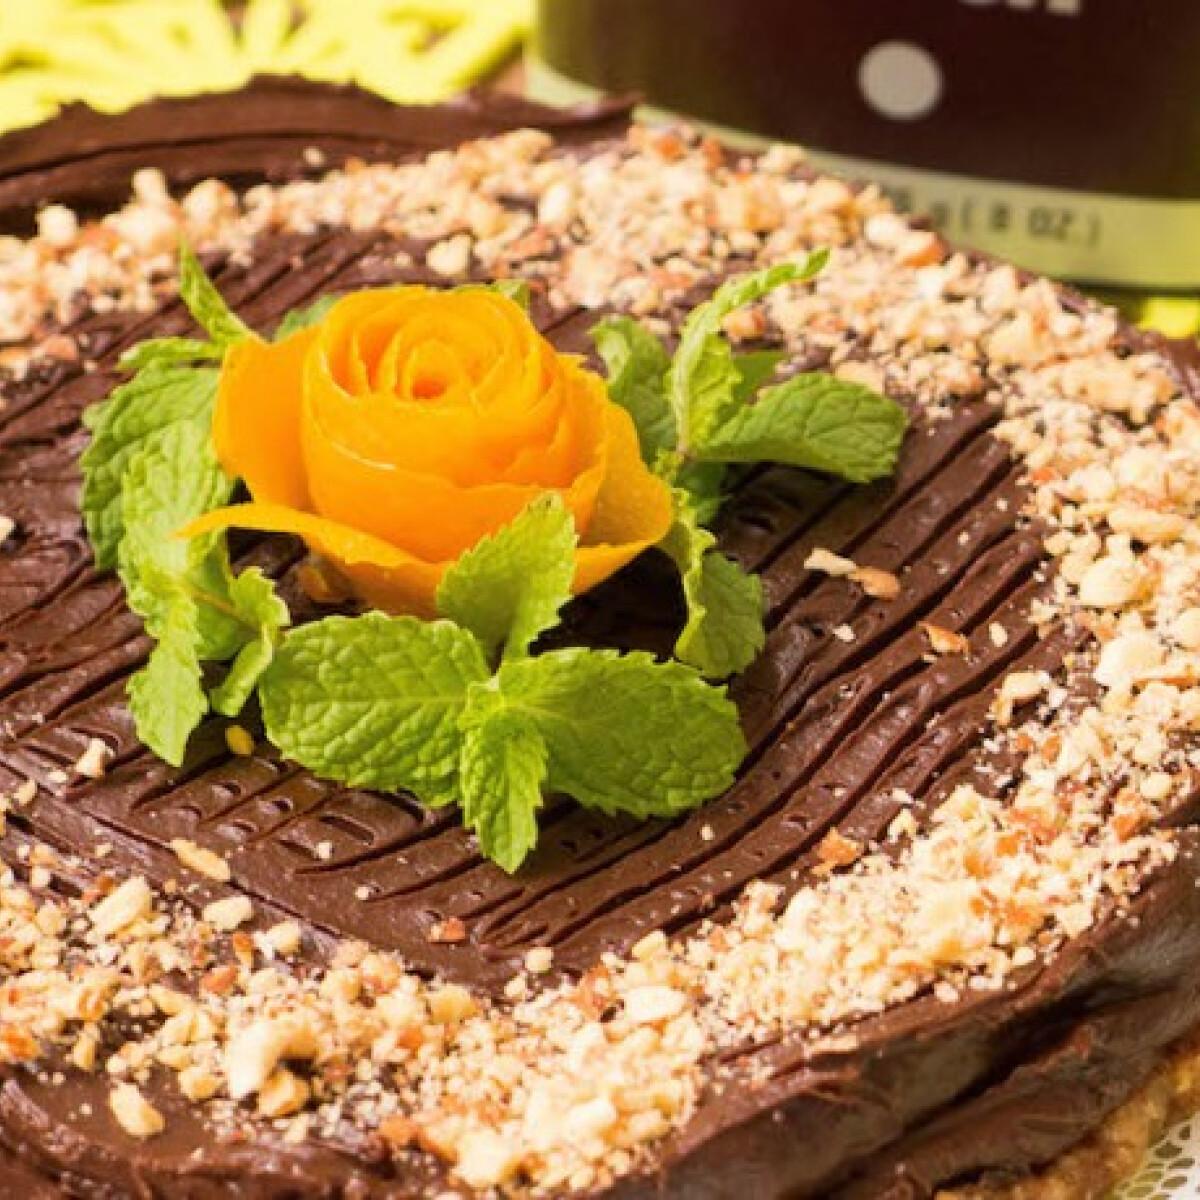 Ezen a képen: Mennyei nyers csokoládétorta